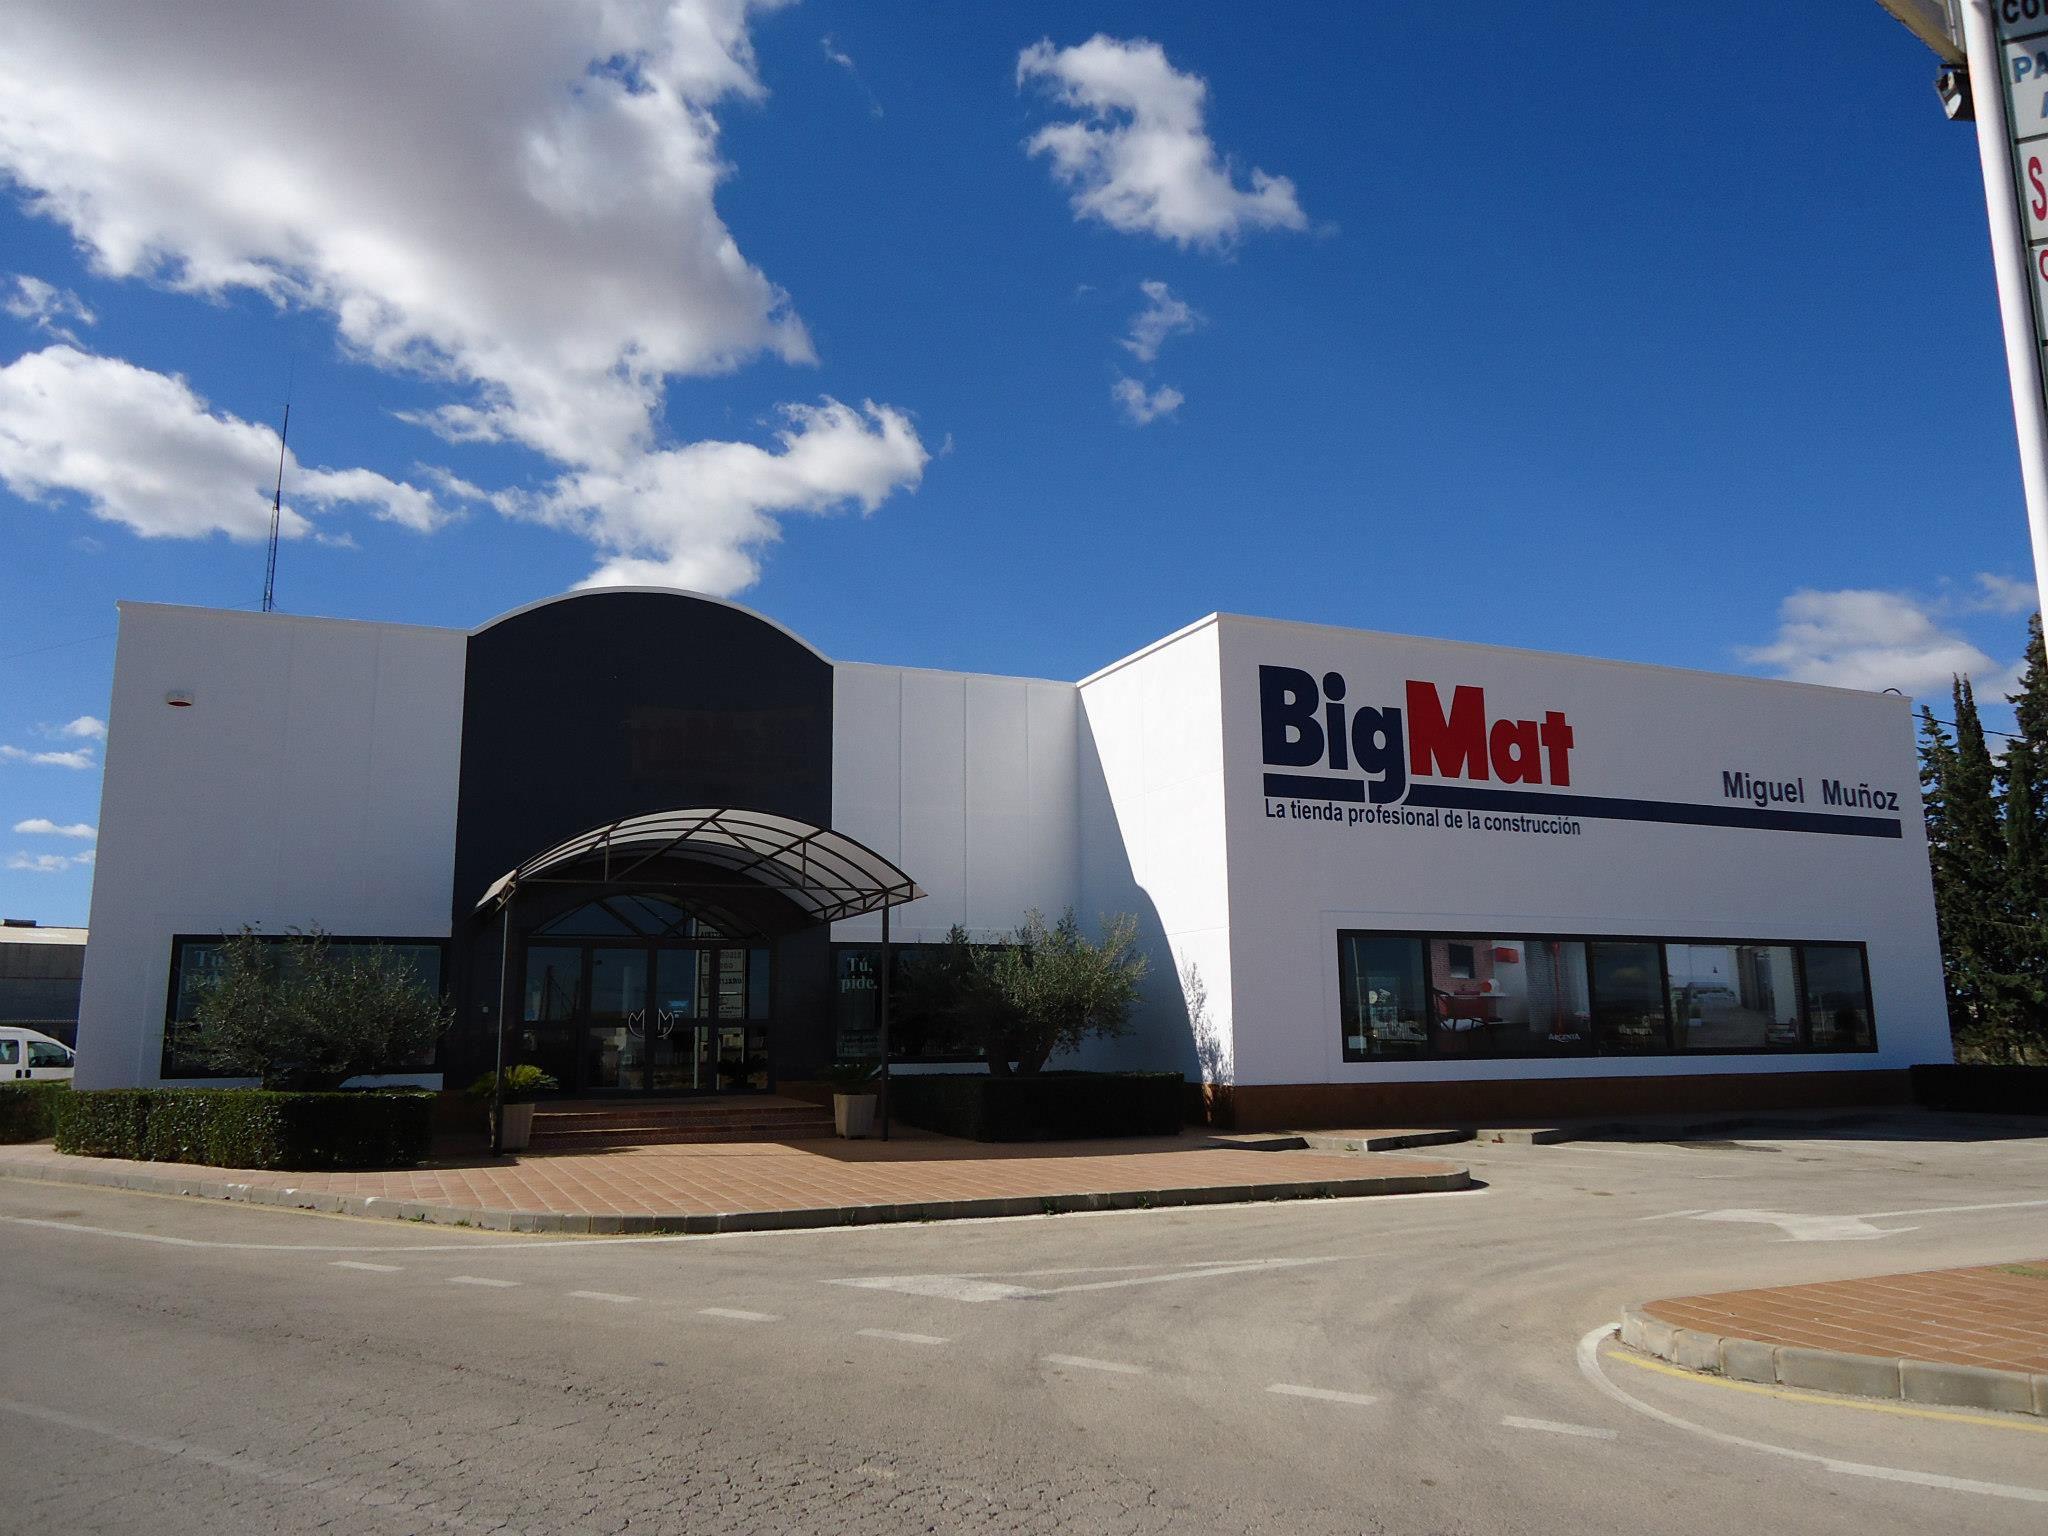 Tienda BigMat en Murcia